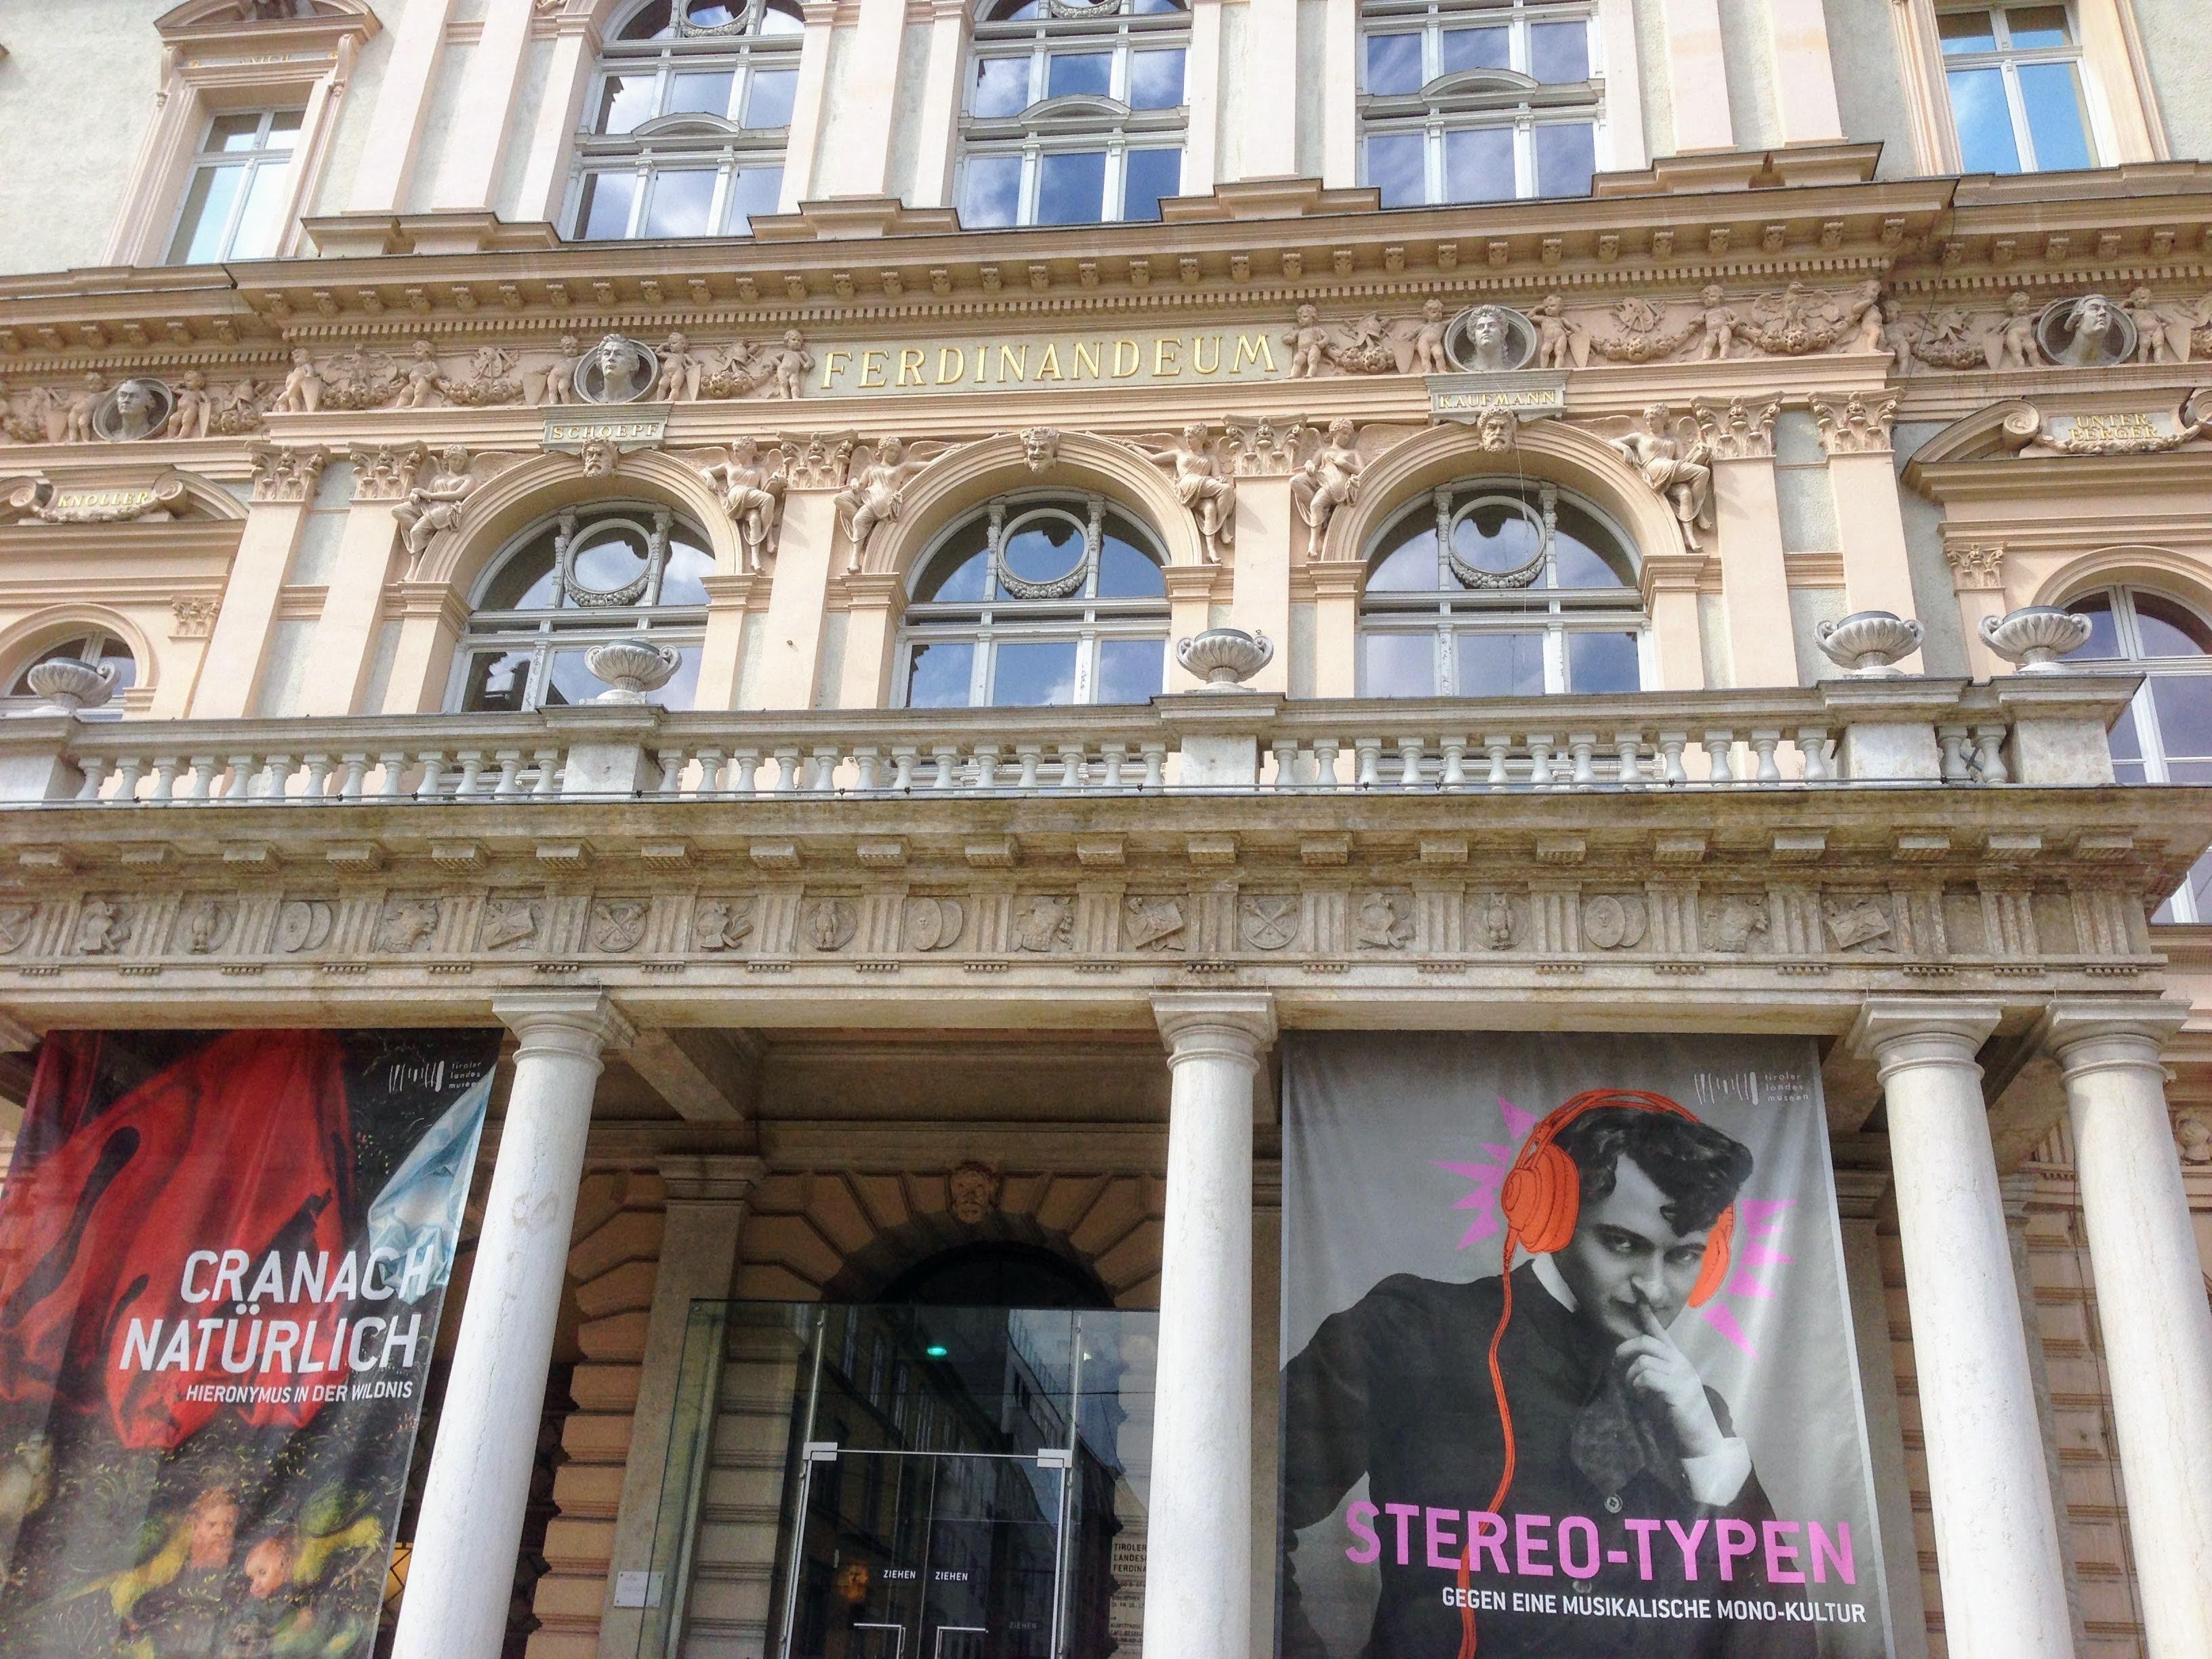 Landesmuseum Ferdinandeum Innsbruck Austria art museum